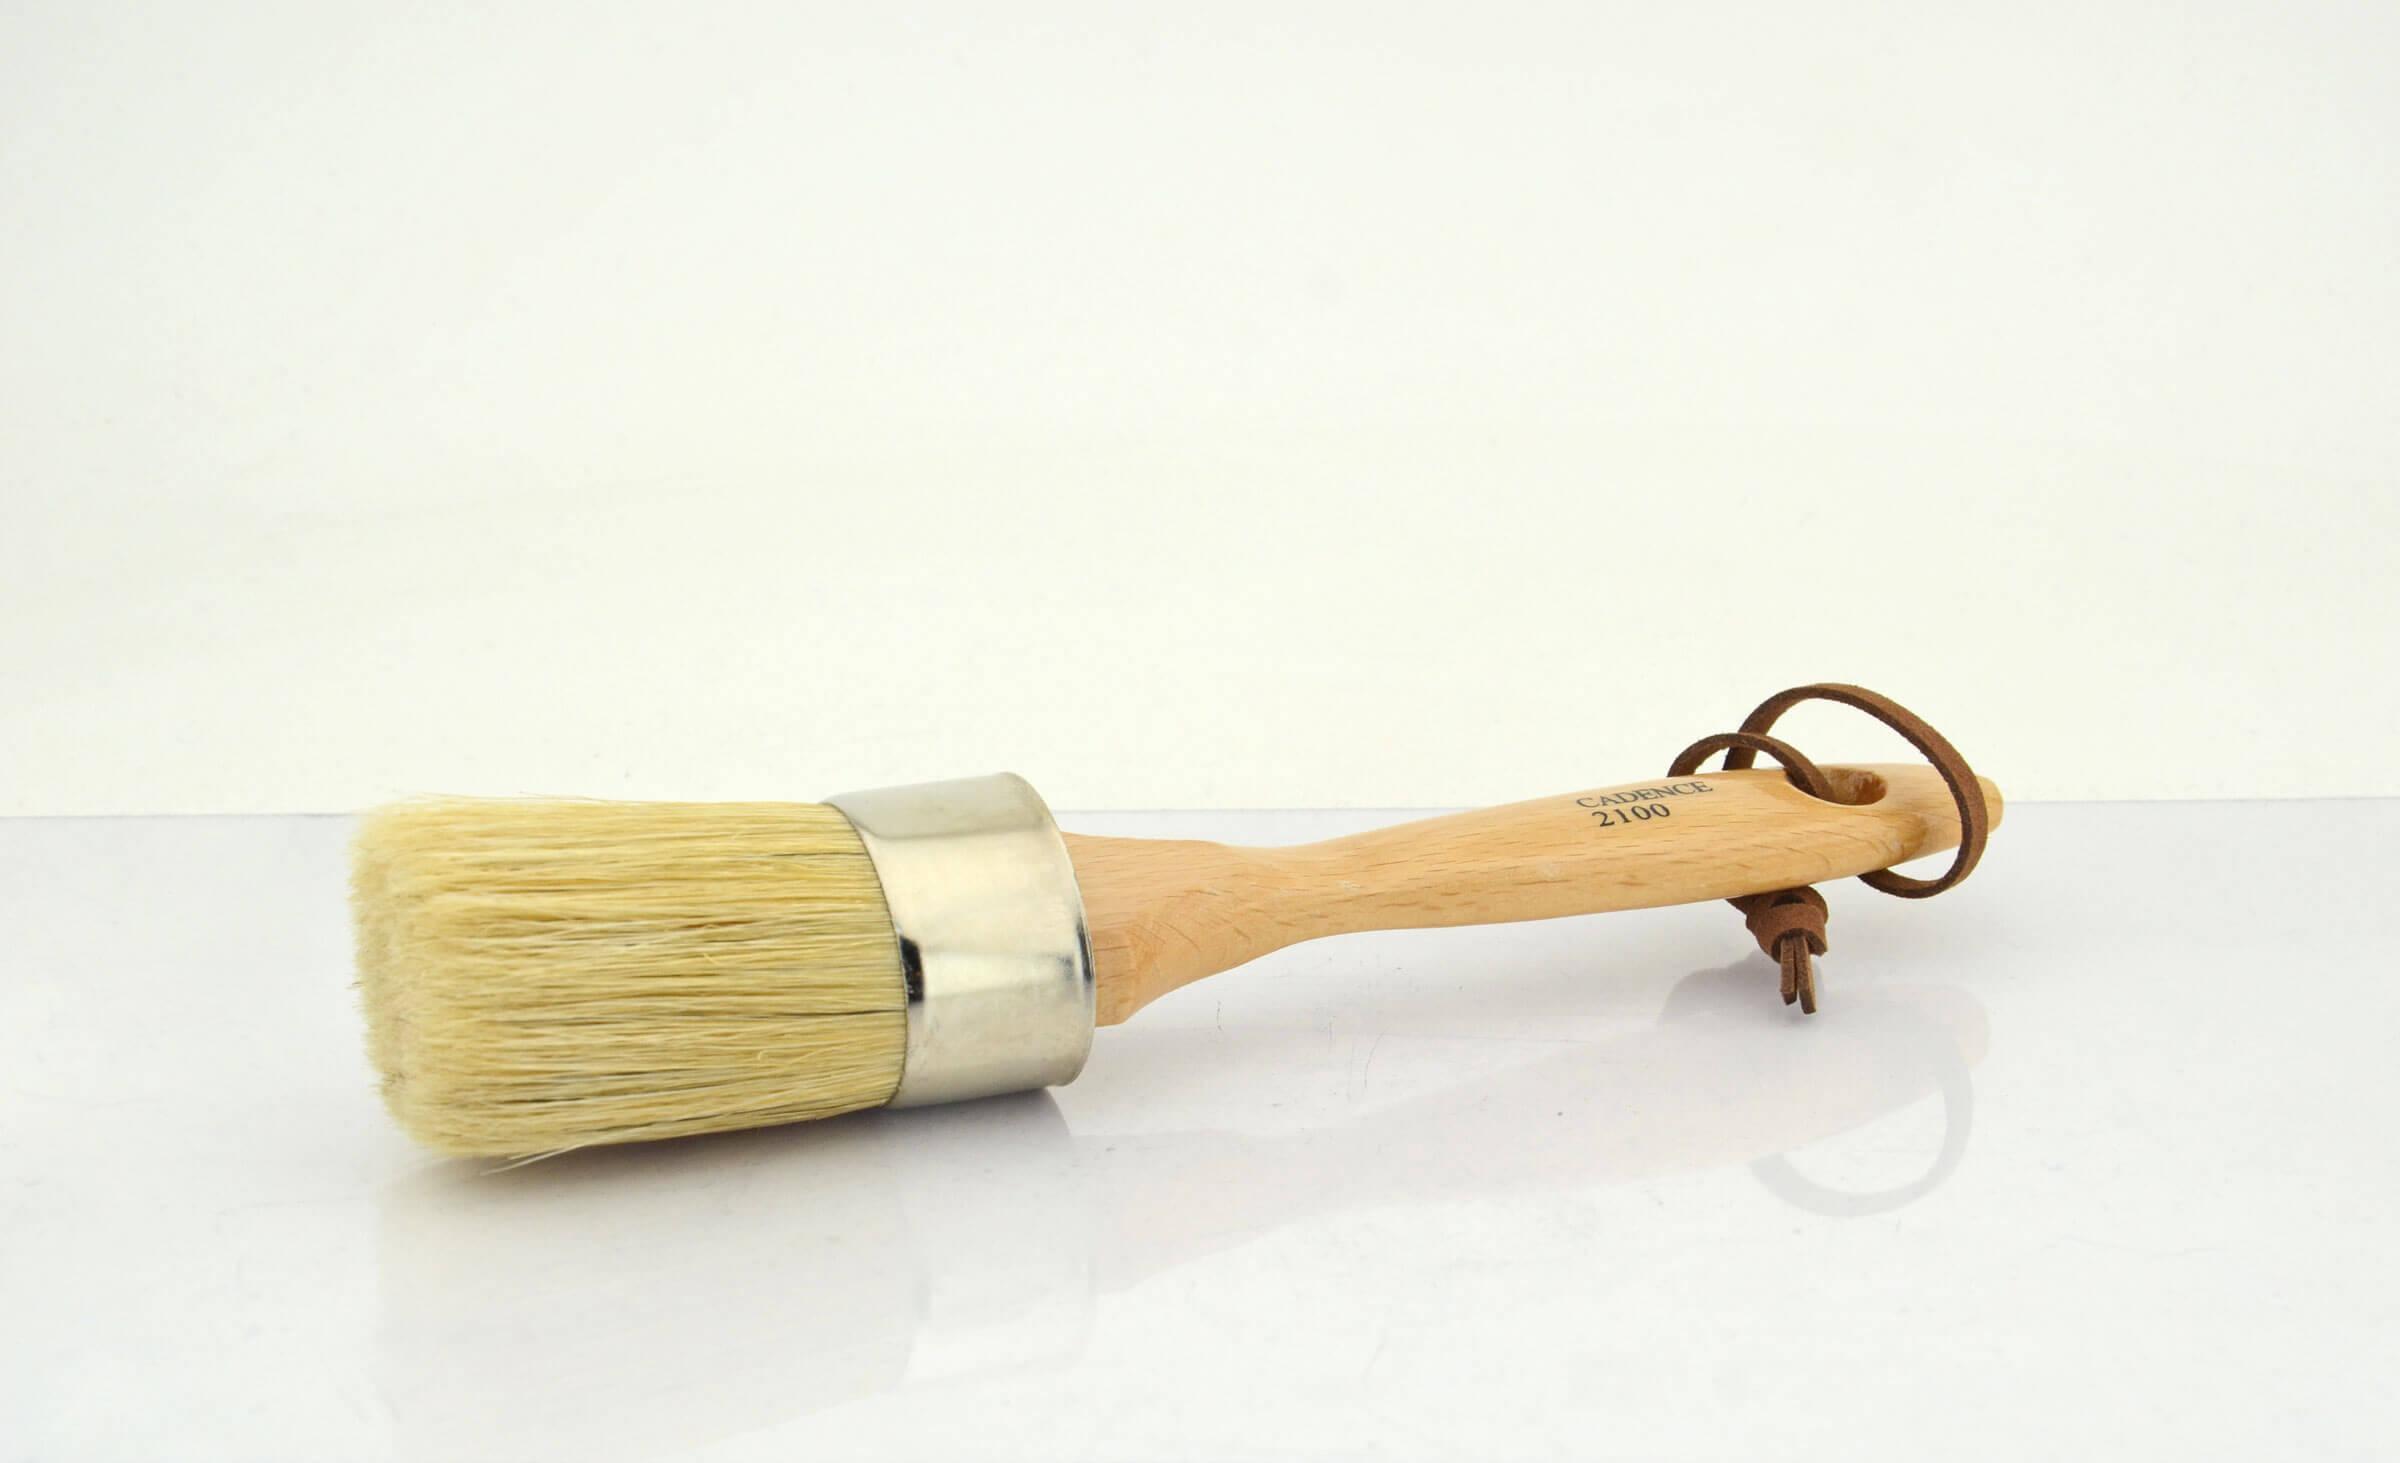 Cadence Ekonomik Eskitme Fırça | Eskitme Fırçası | Duvar Desen Fırçası